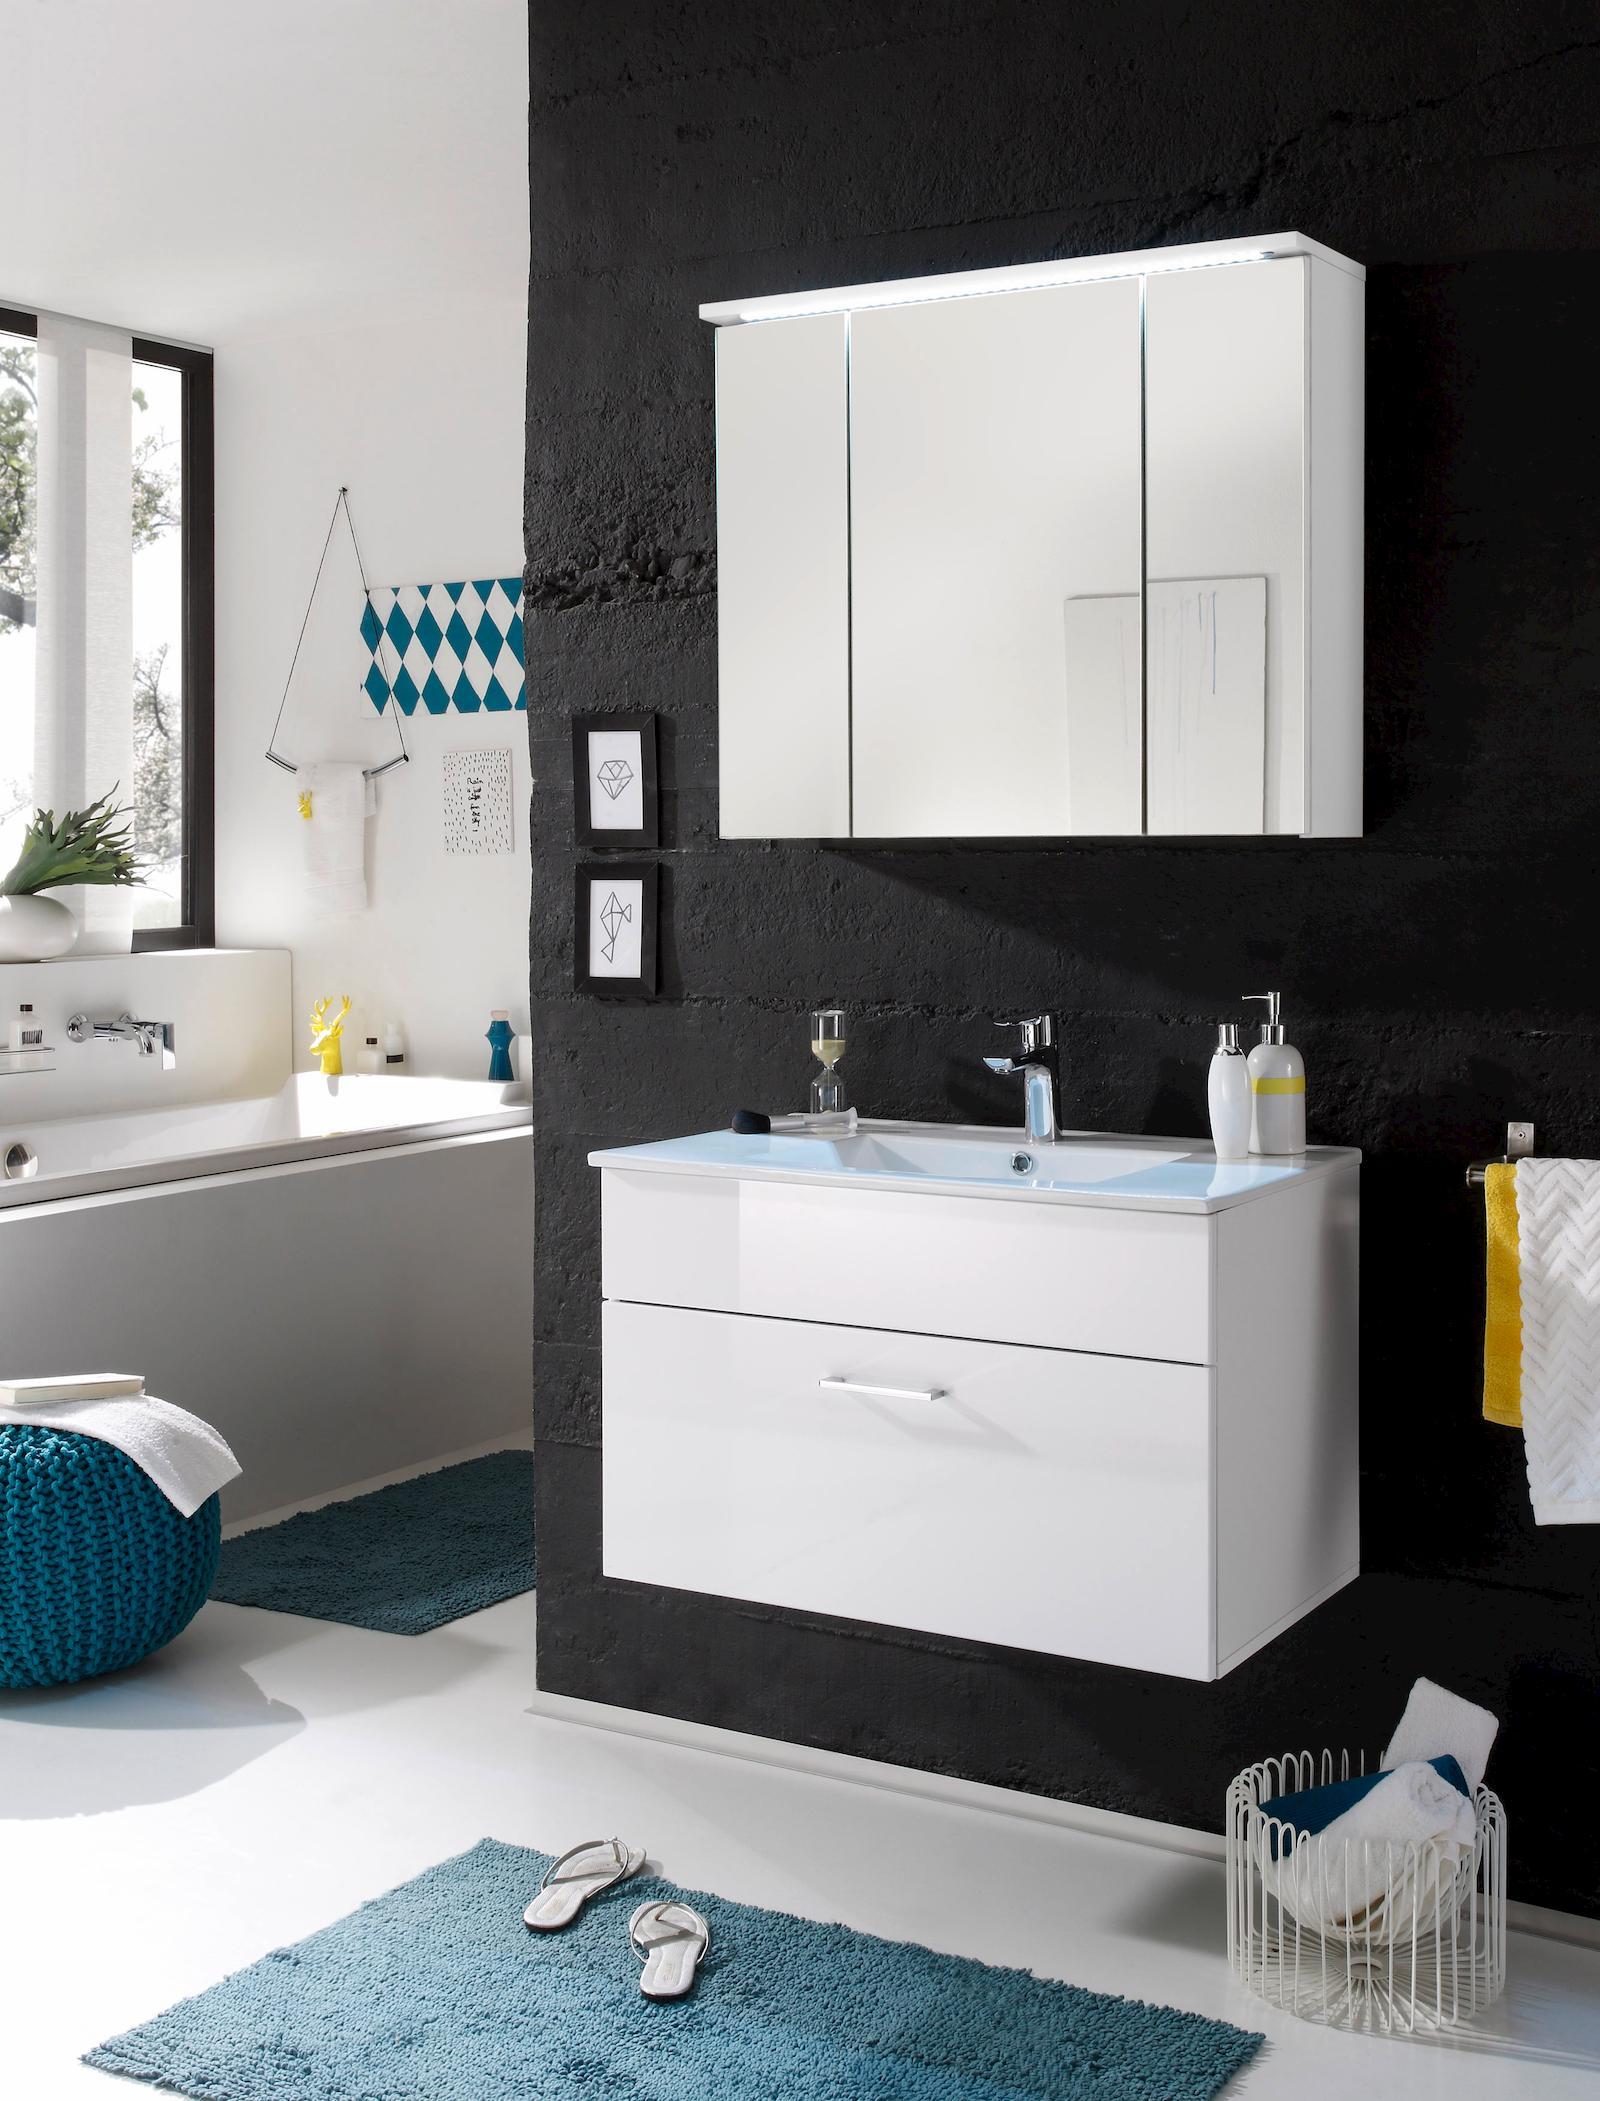 Splash 1 badezimmer set waschtisch inkl becken for Badezimmer waschtisch set